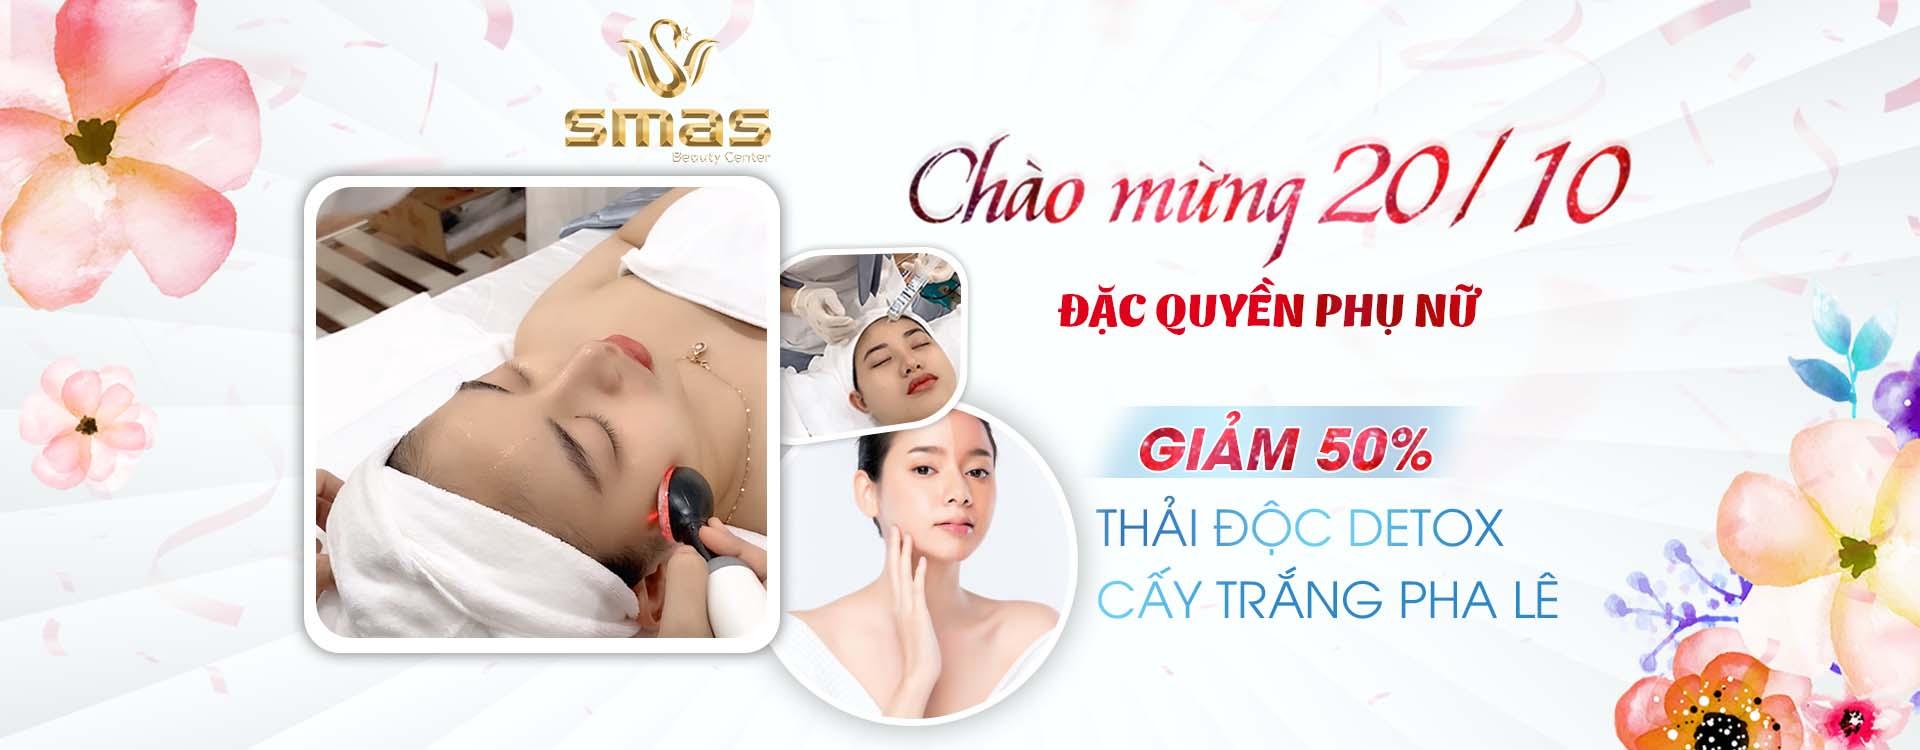 SMAS Beauty Center